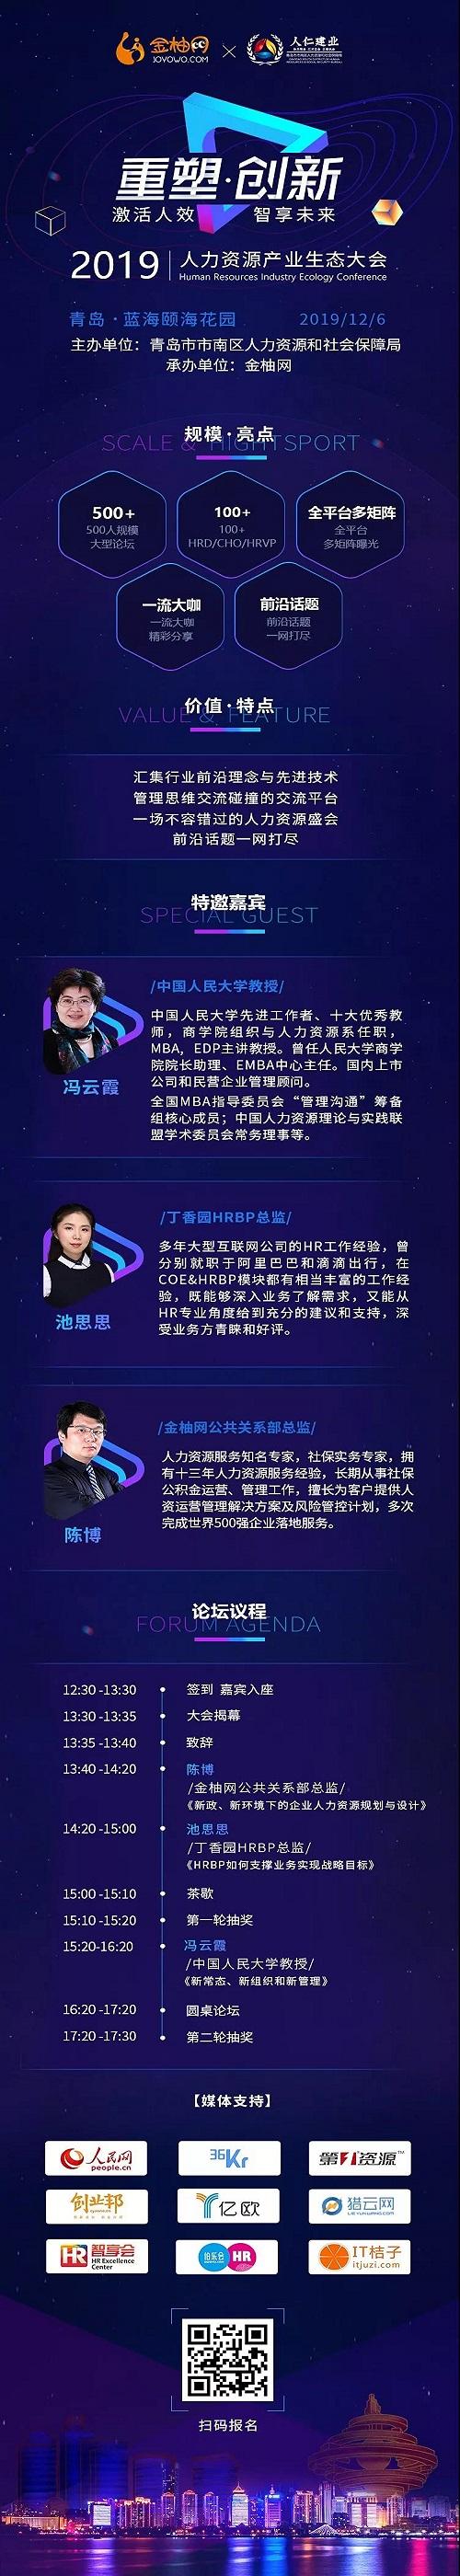 """""""金牌彩票网站2019人力资源产业生态大会(青岛站)"""""""